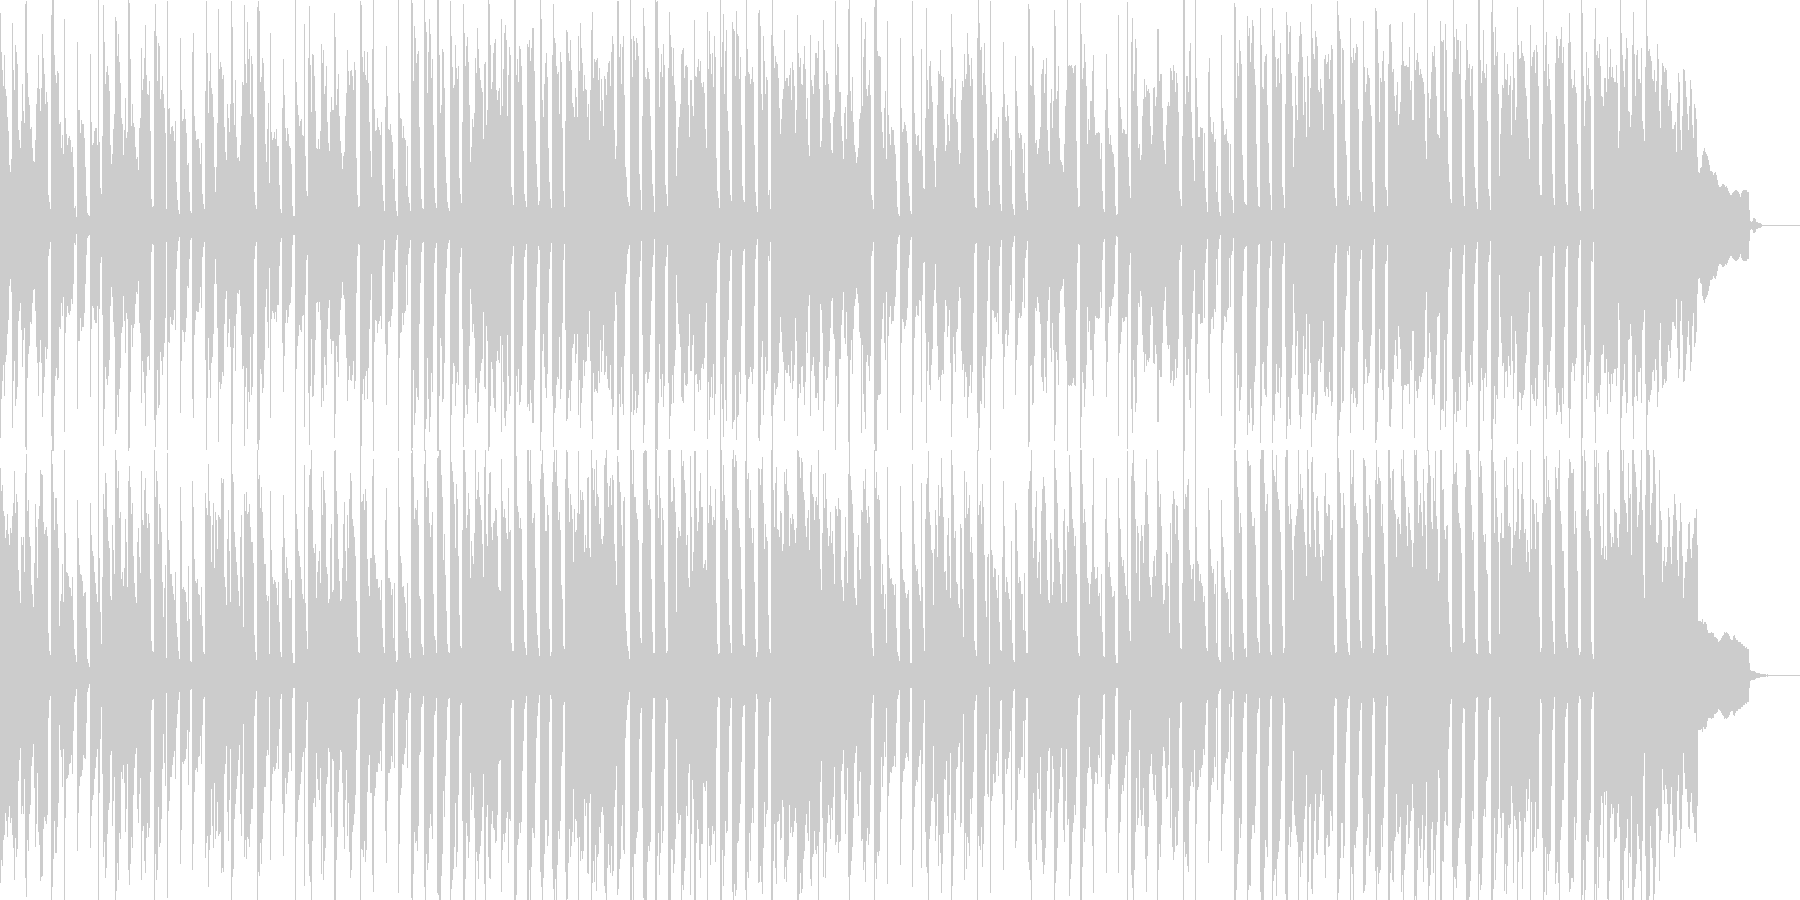 かわいい、ゆるい、コミカル-10の未再生の波形